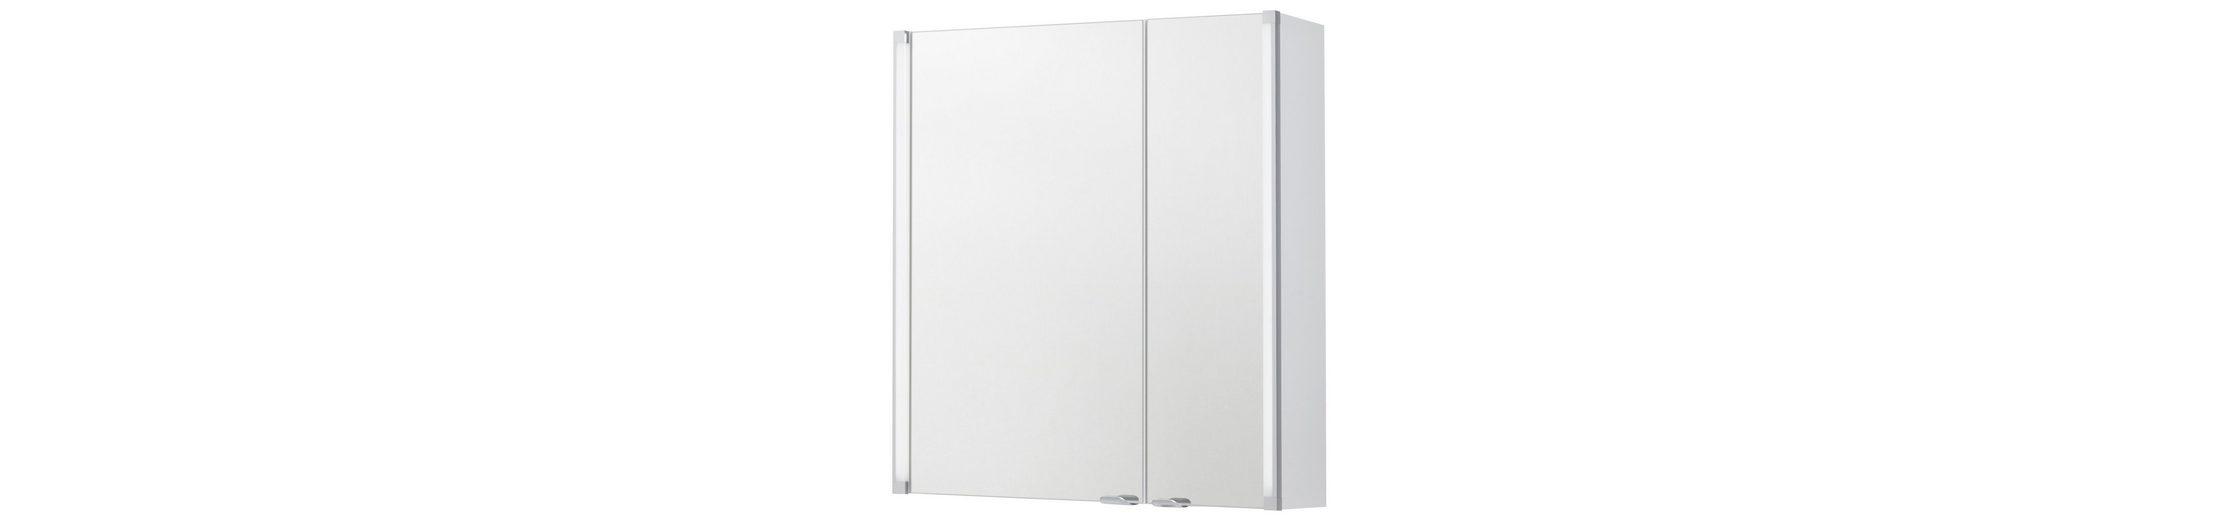 Spiegelschrank »LED-LINE«, Breite 61 cm